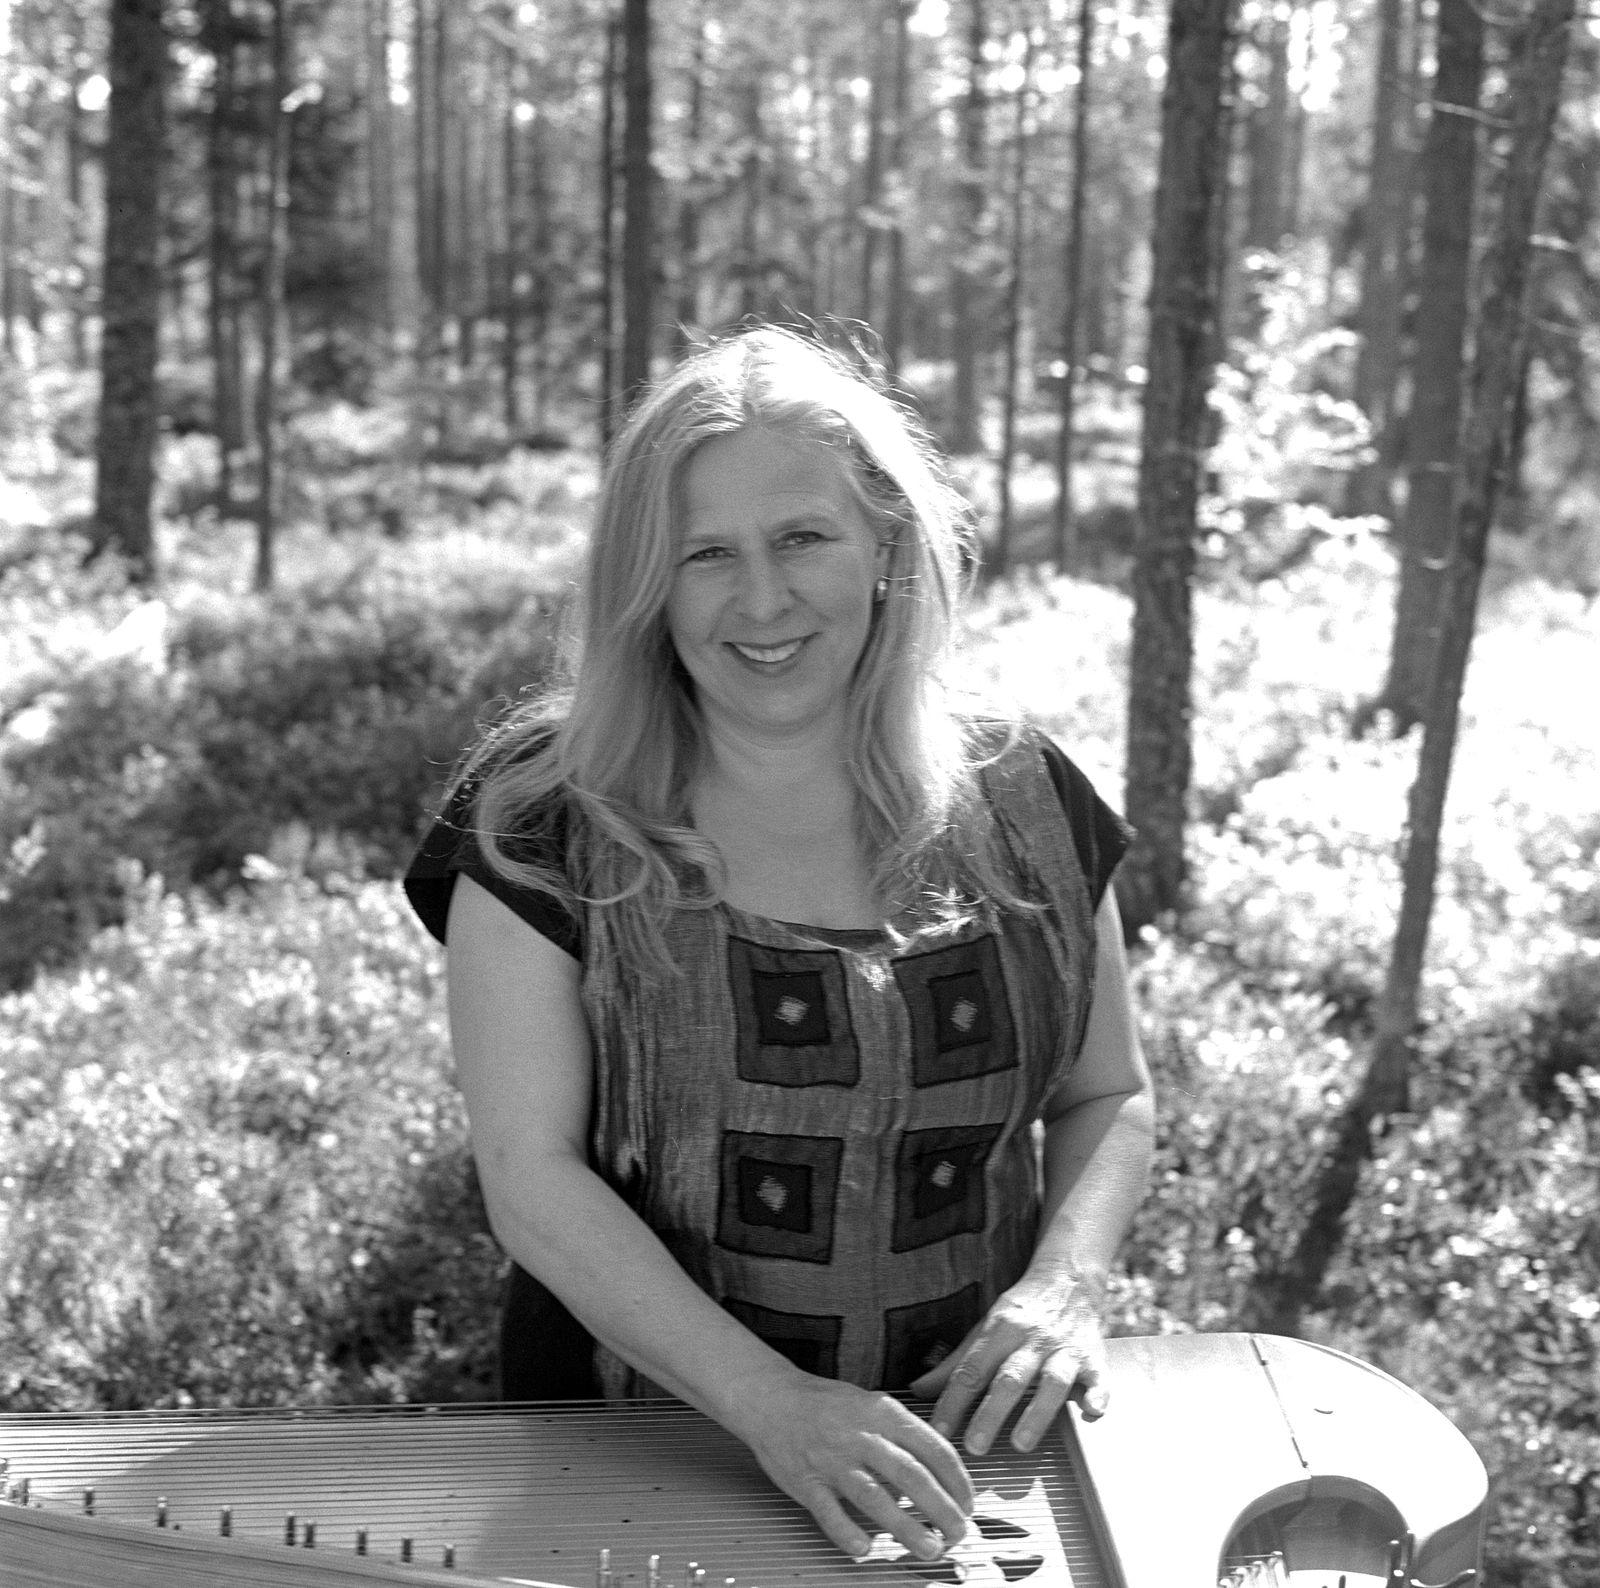 EINMALIGE VERWENDUNG Jazz 31.07.16/ Sinikka Langeland: The Magical Forrest